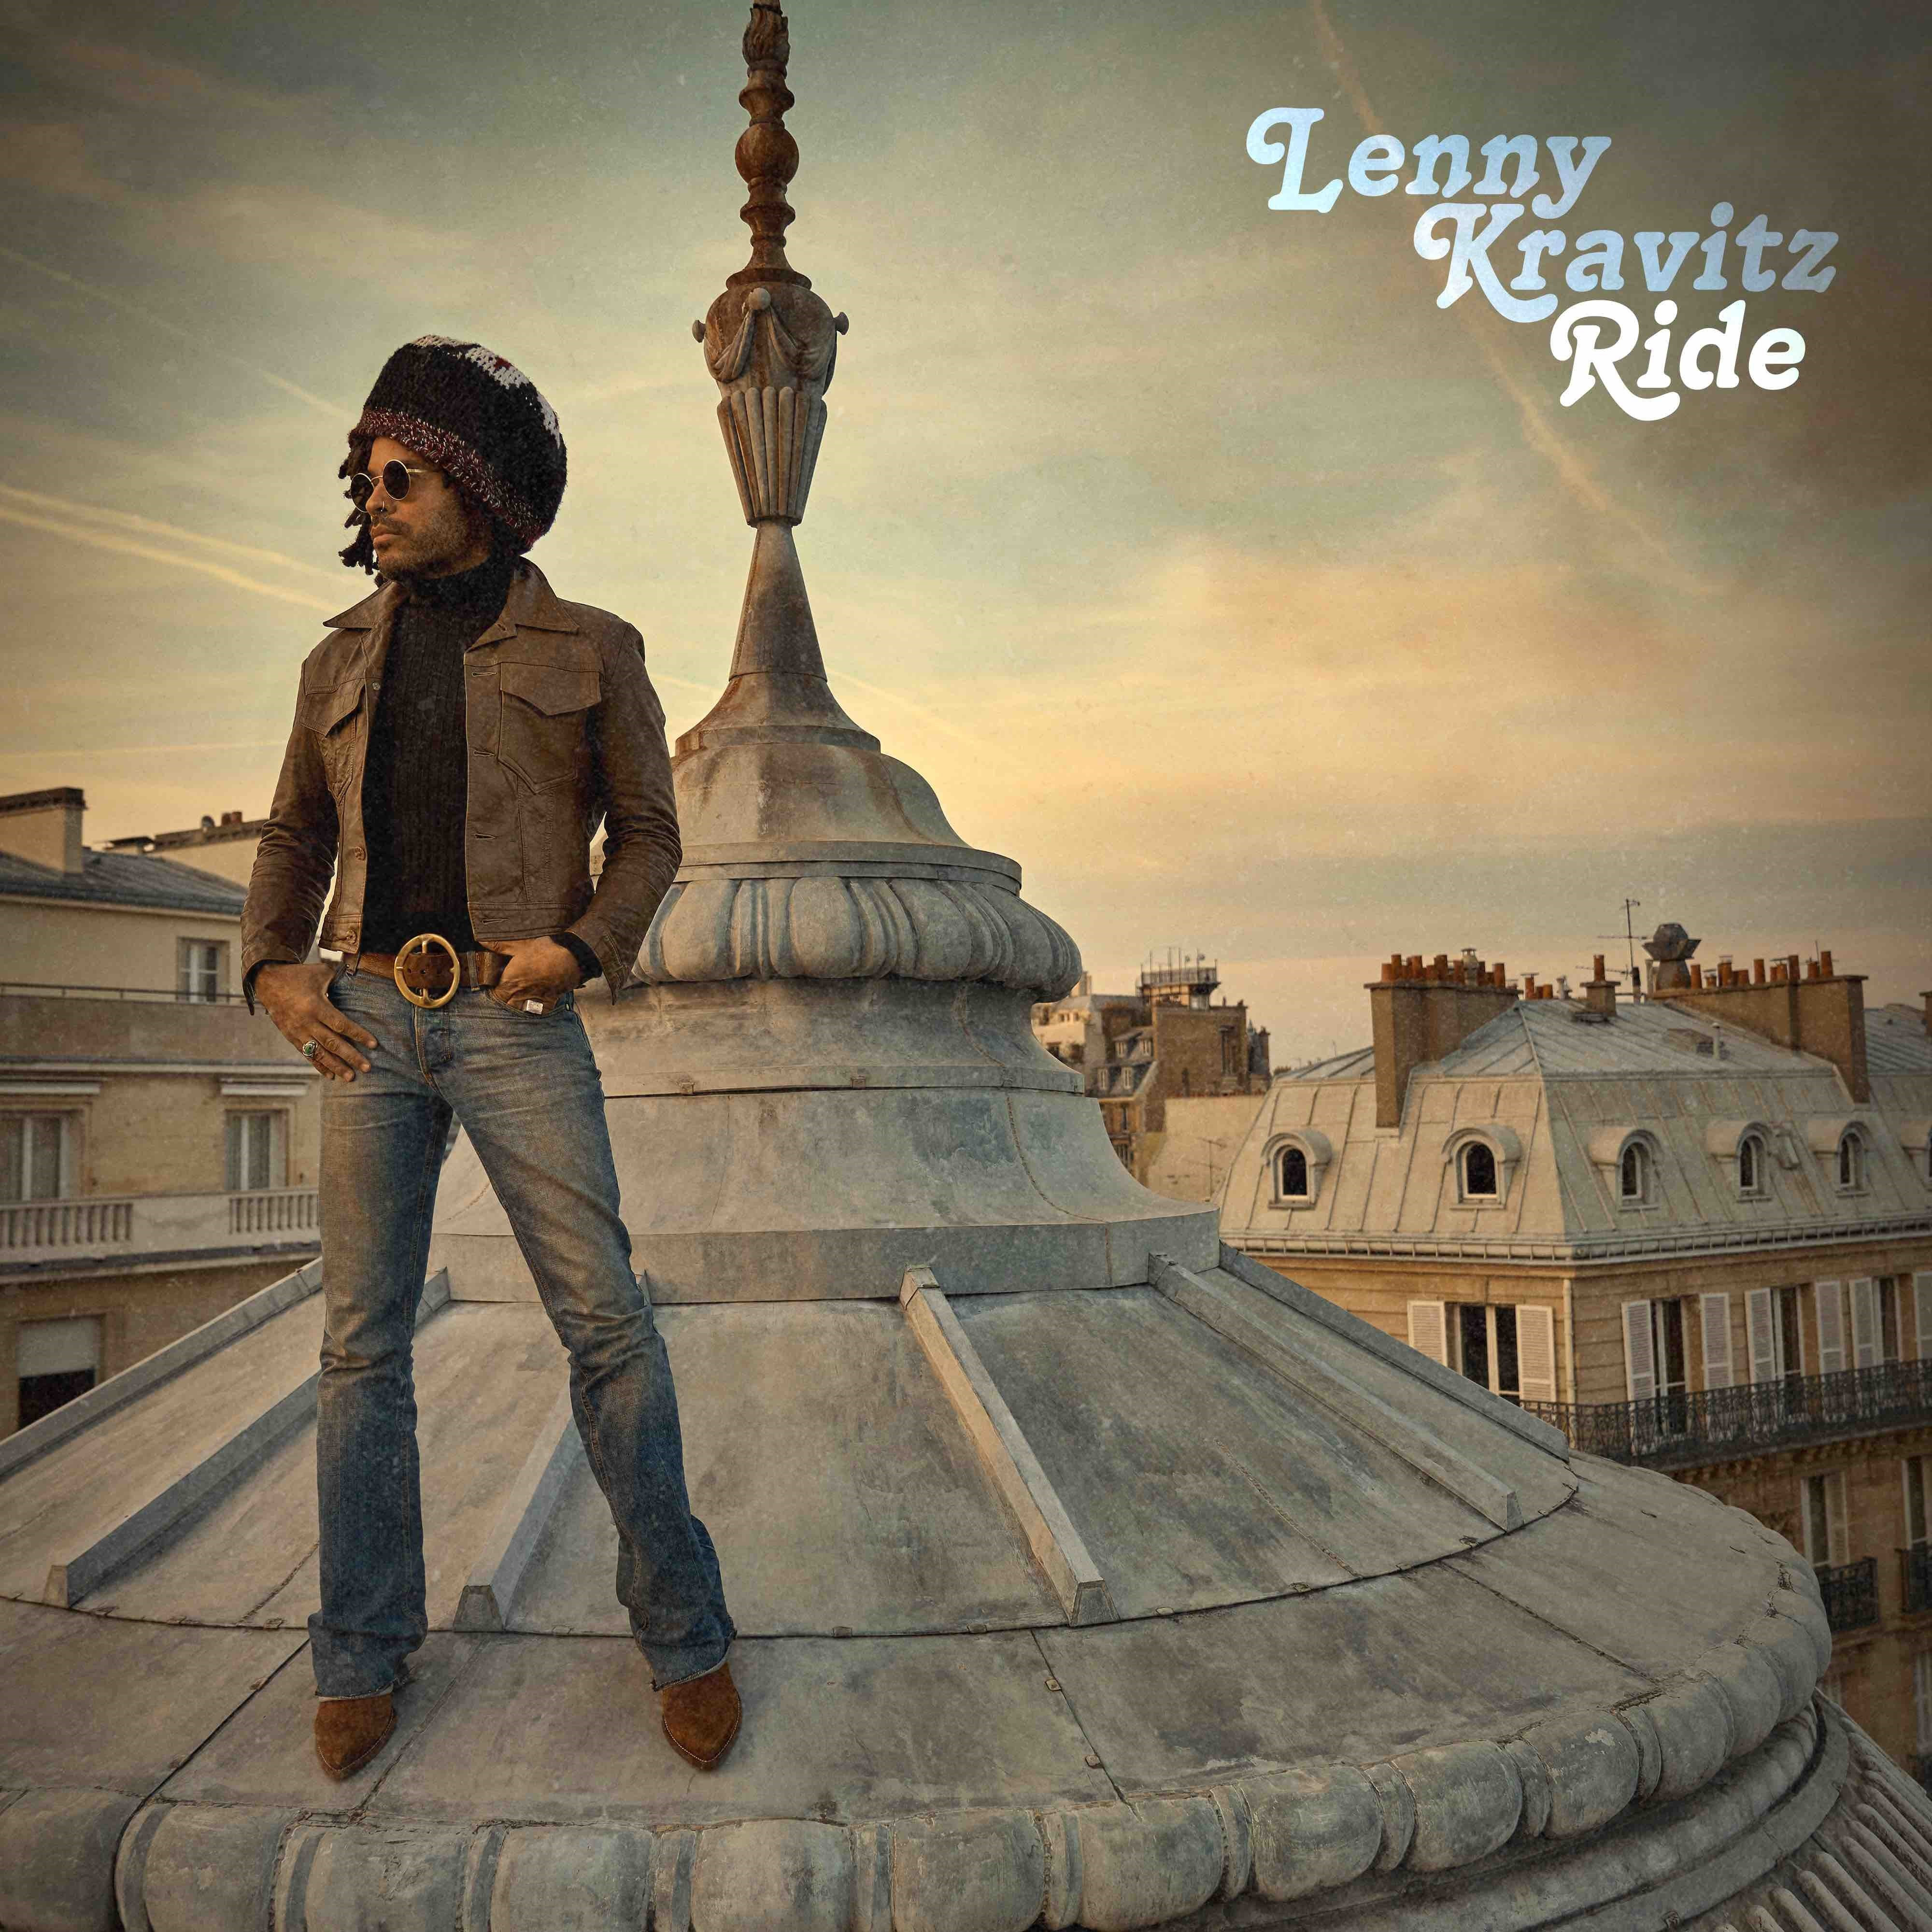 Lenny-Kravitz-presenta-el-video-para-su-nuevo-single-Ride